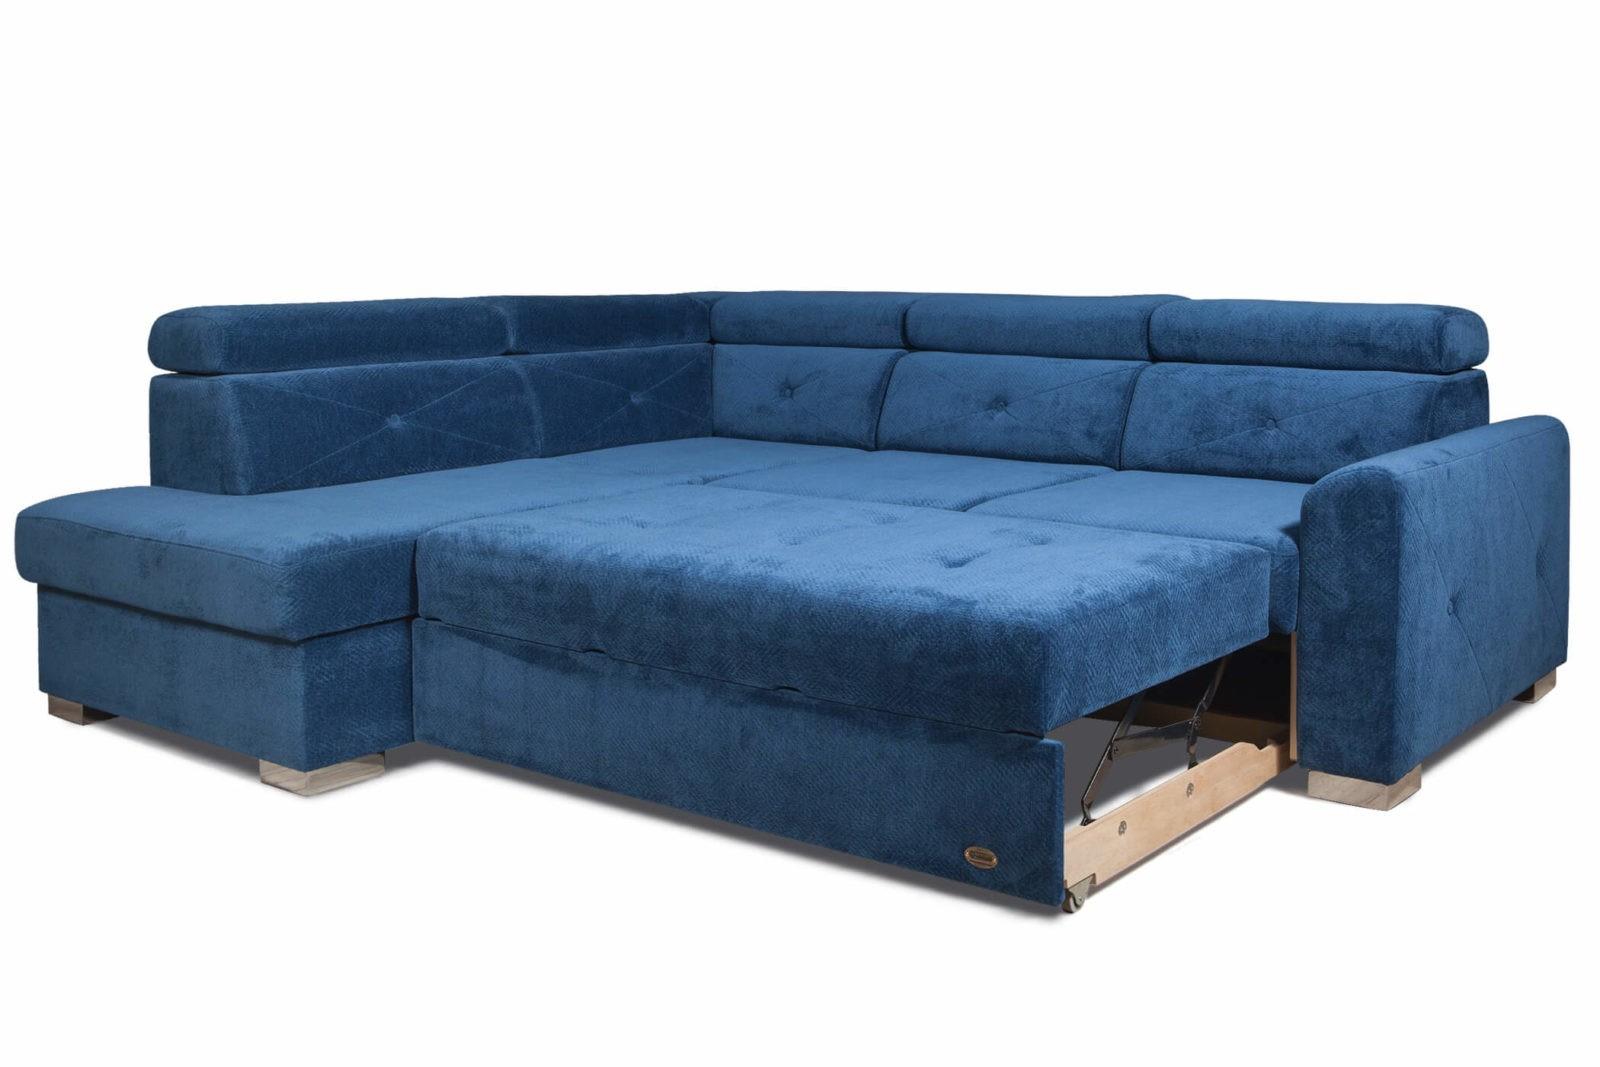 купить диван в рассрочку без справок